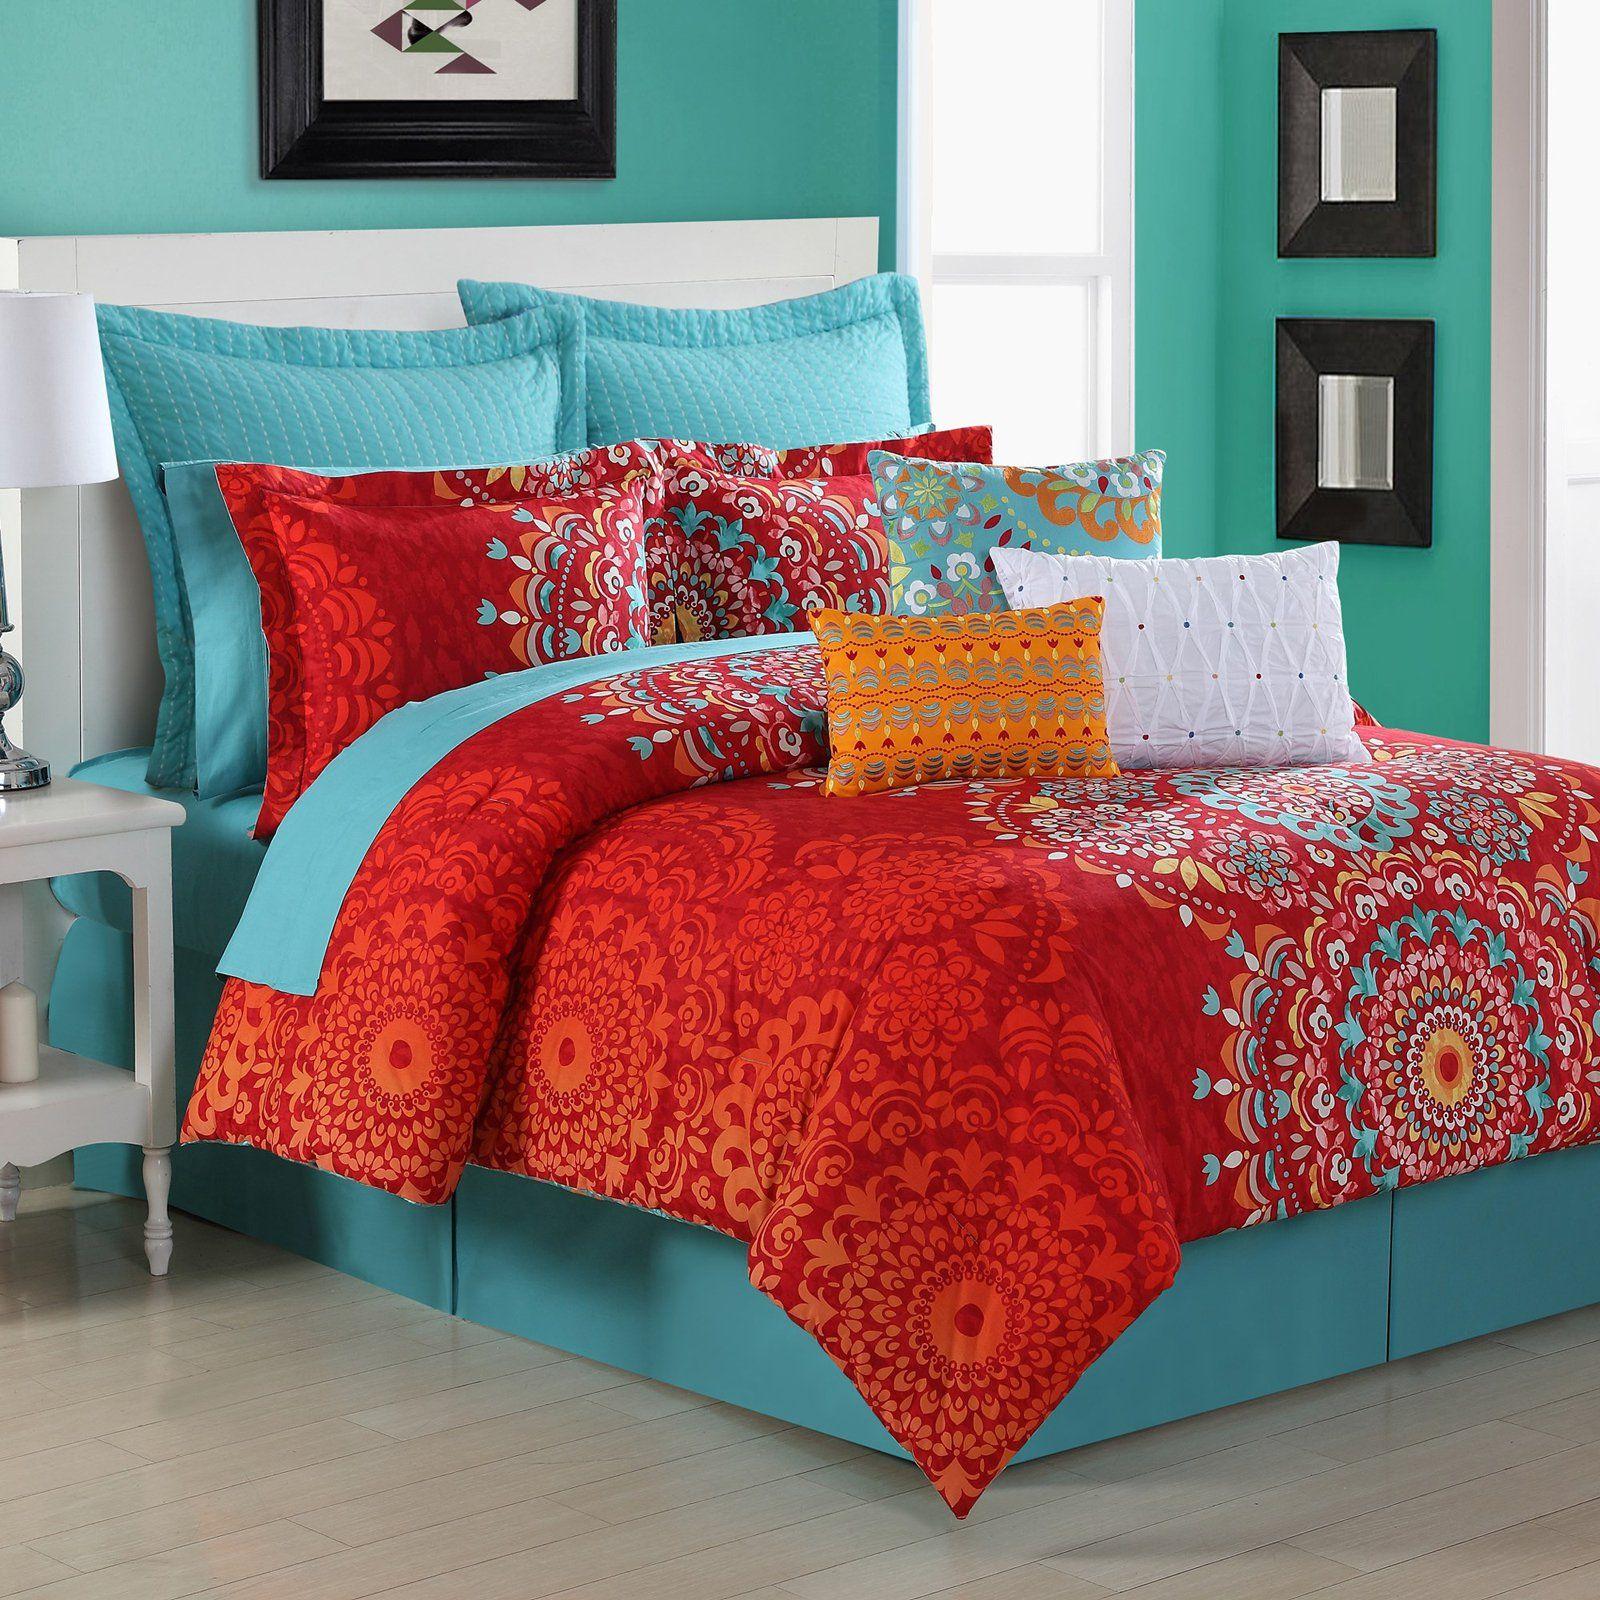 200TC Luxury Bedding Duvet Cover Set Florence Damask Cotton Rich